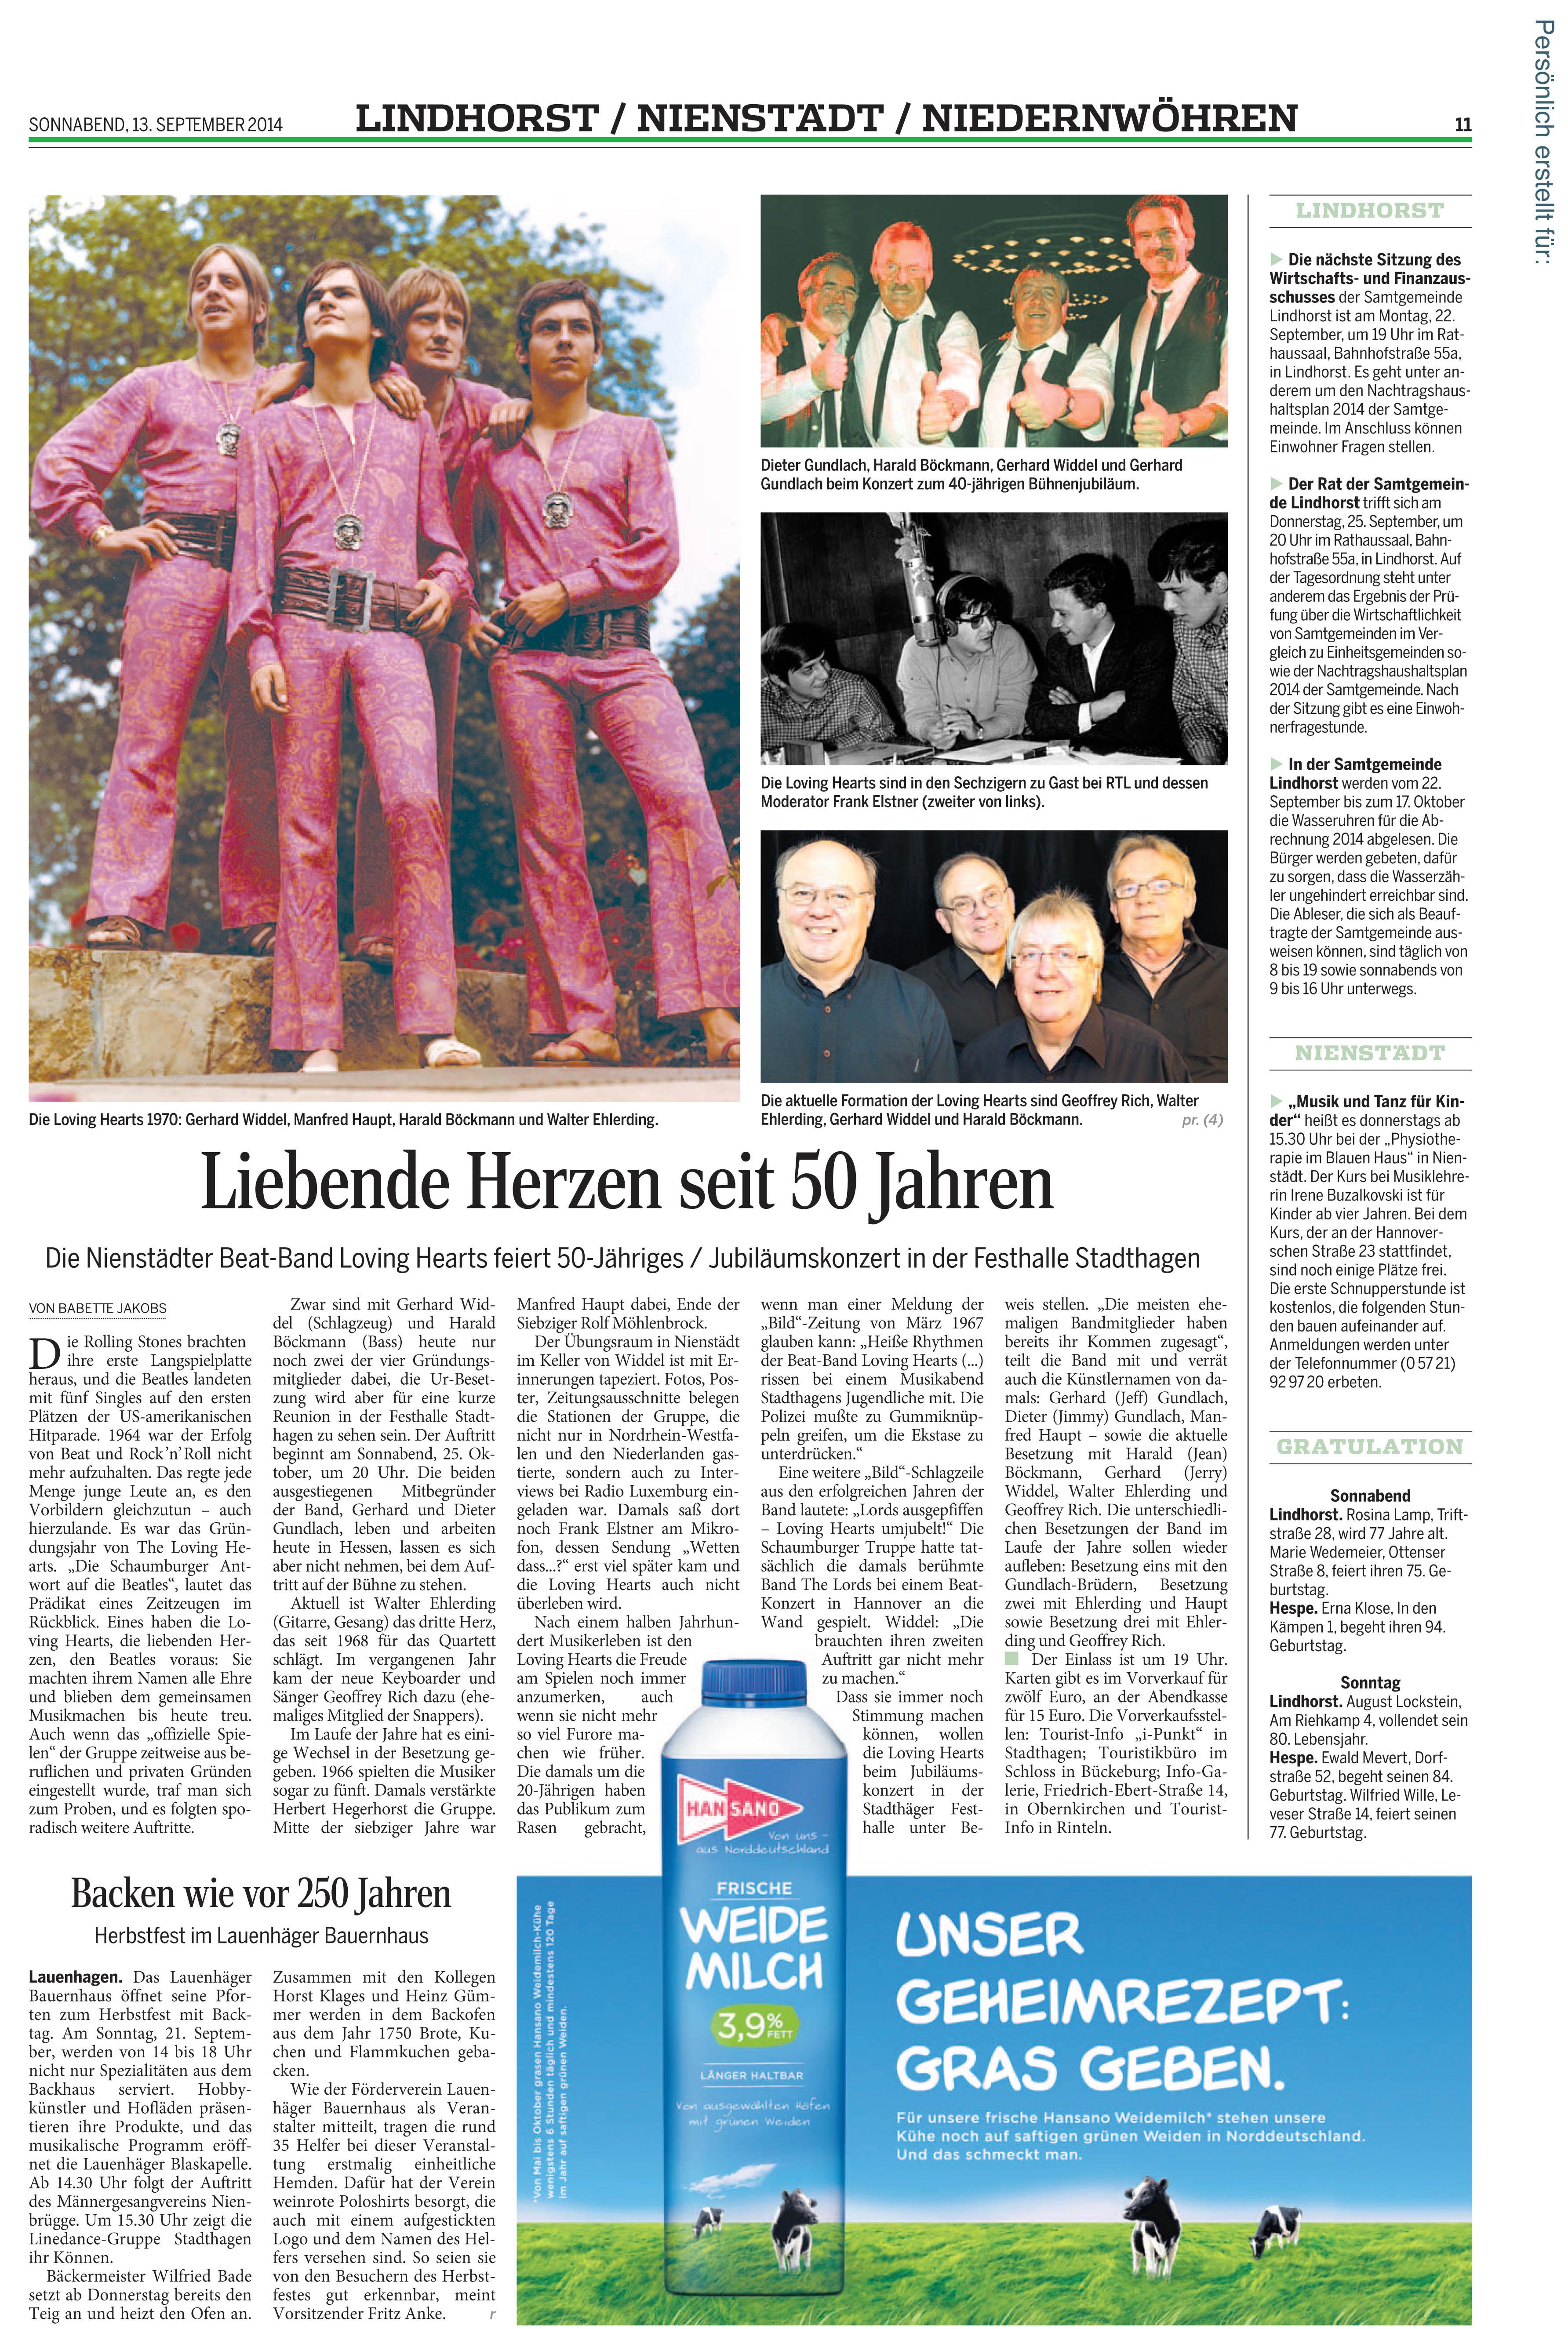 Tageszeitung, Ausgabe: 150158 - Schaumburger Nachrichten, vom: S